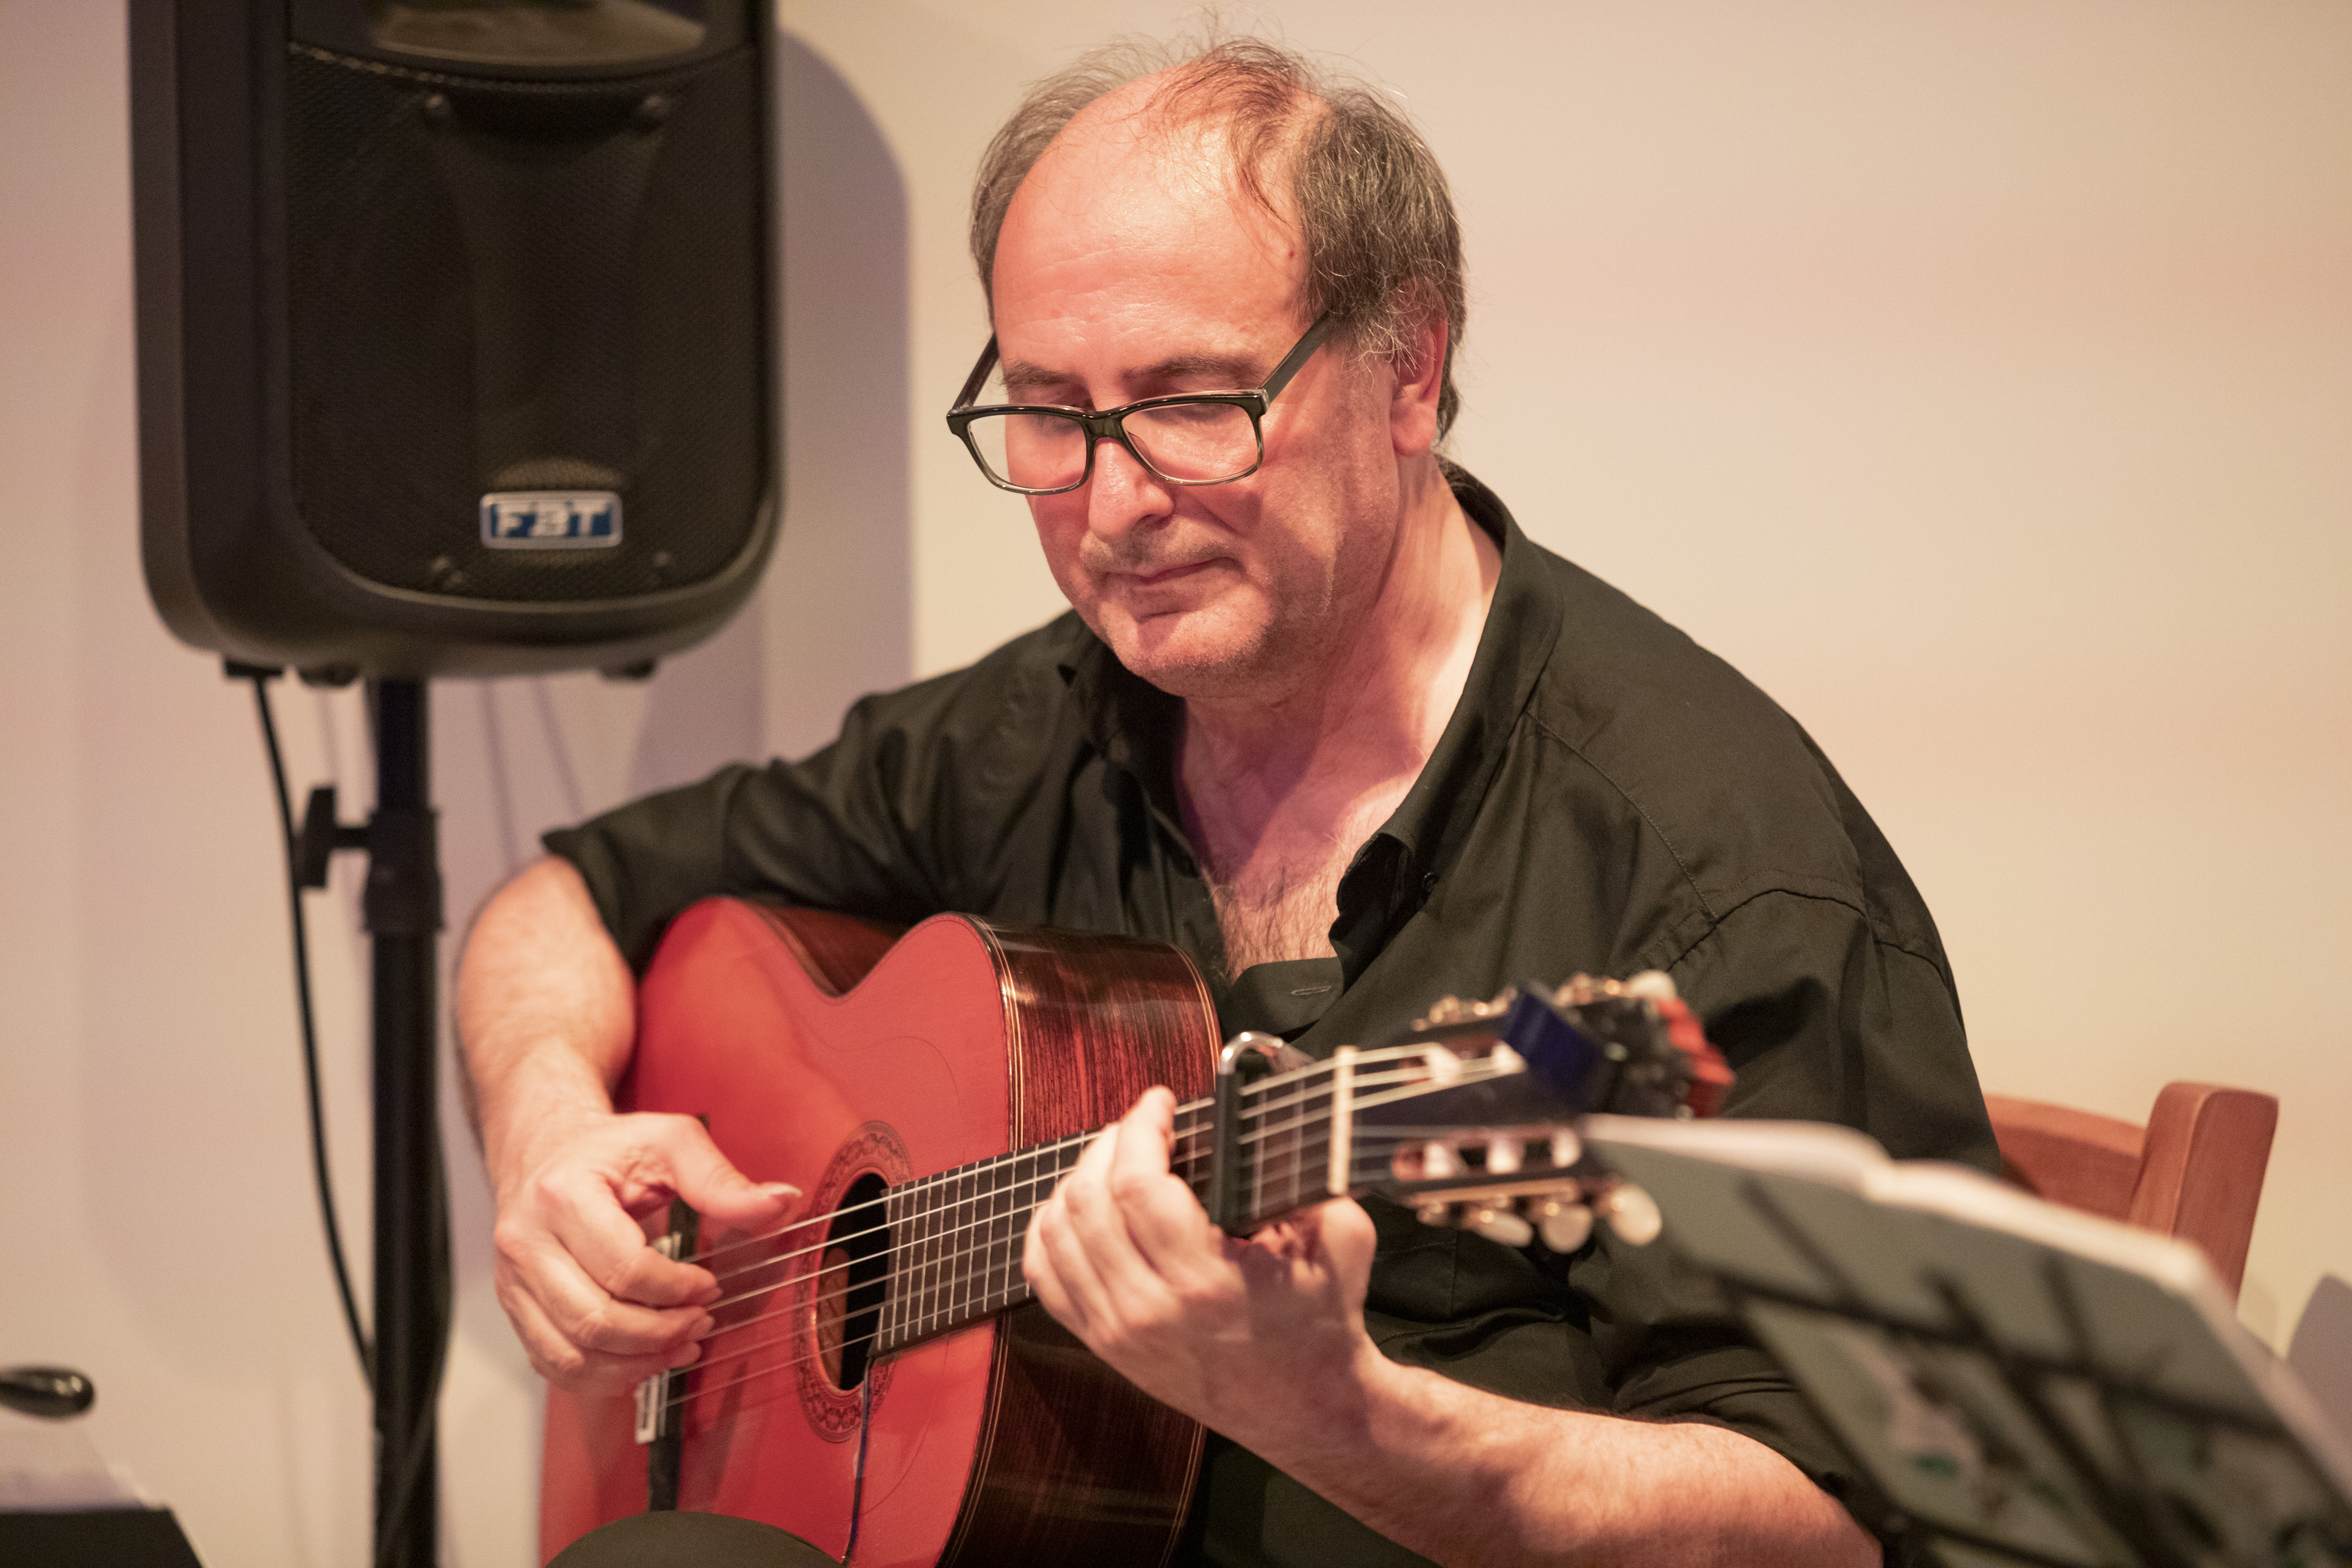 Sergio Varcasia